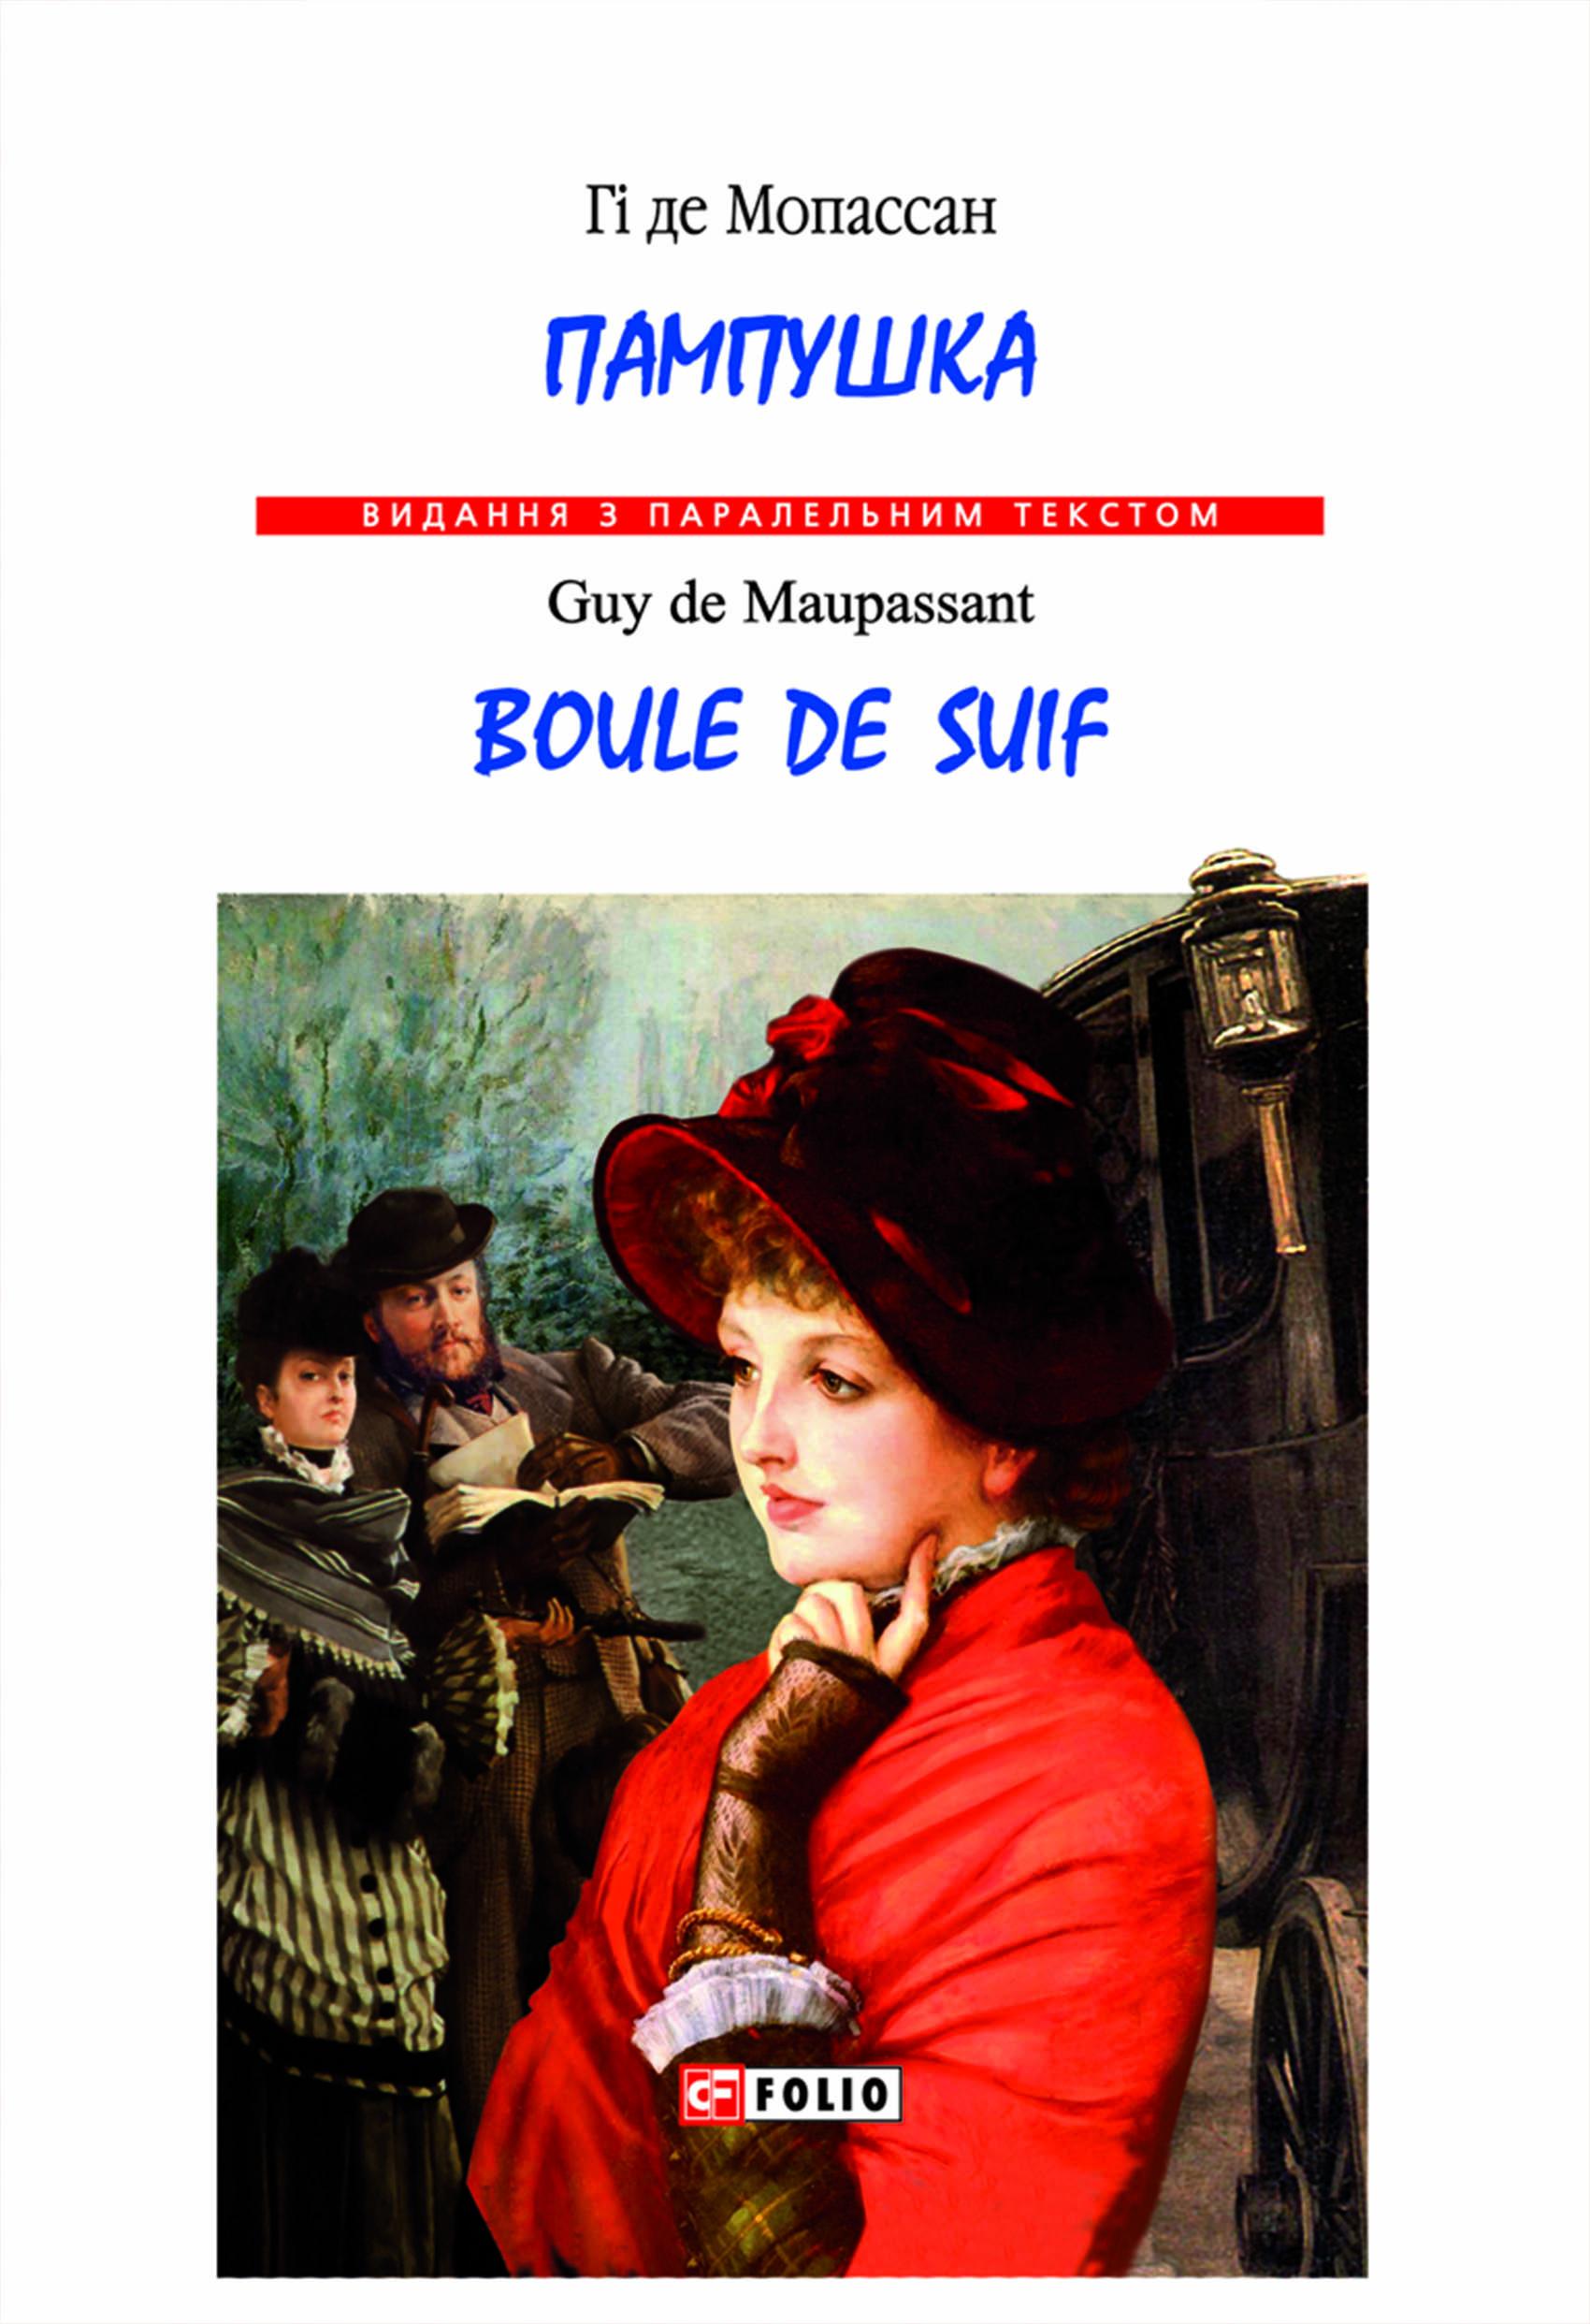 Гі де Мопассан Пампушка / Boule de Suif